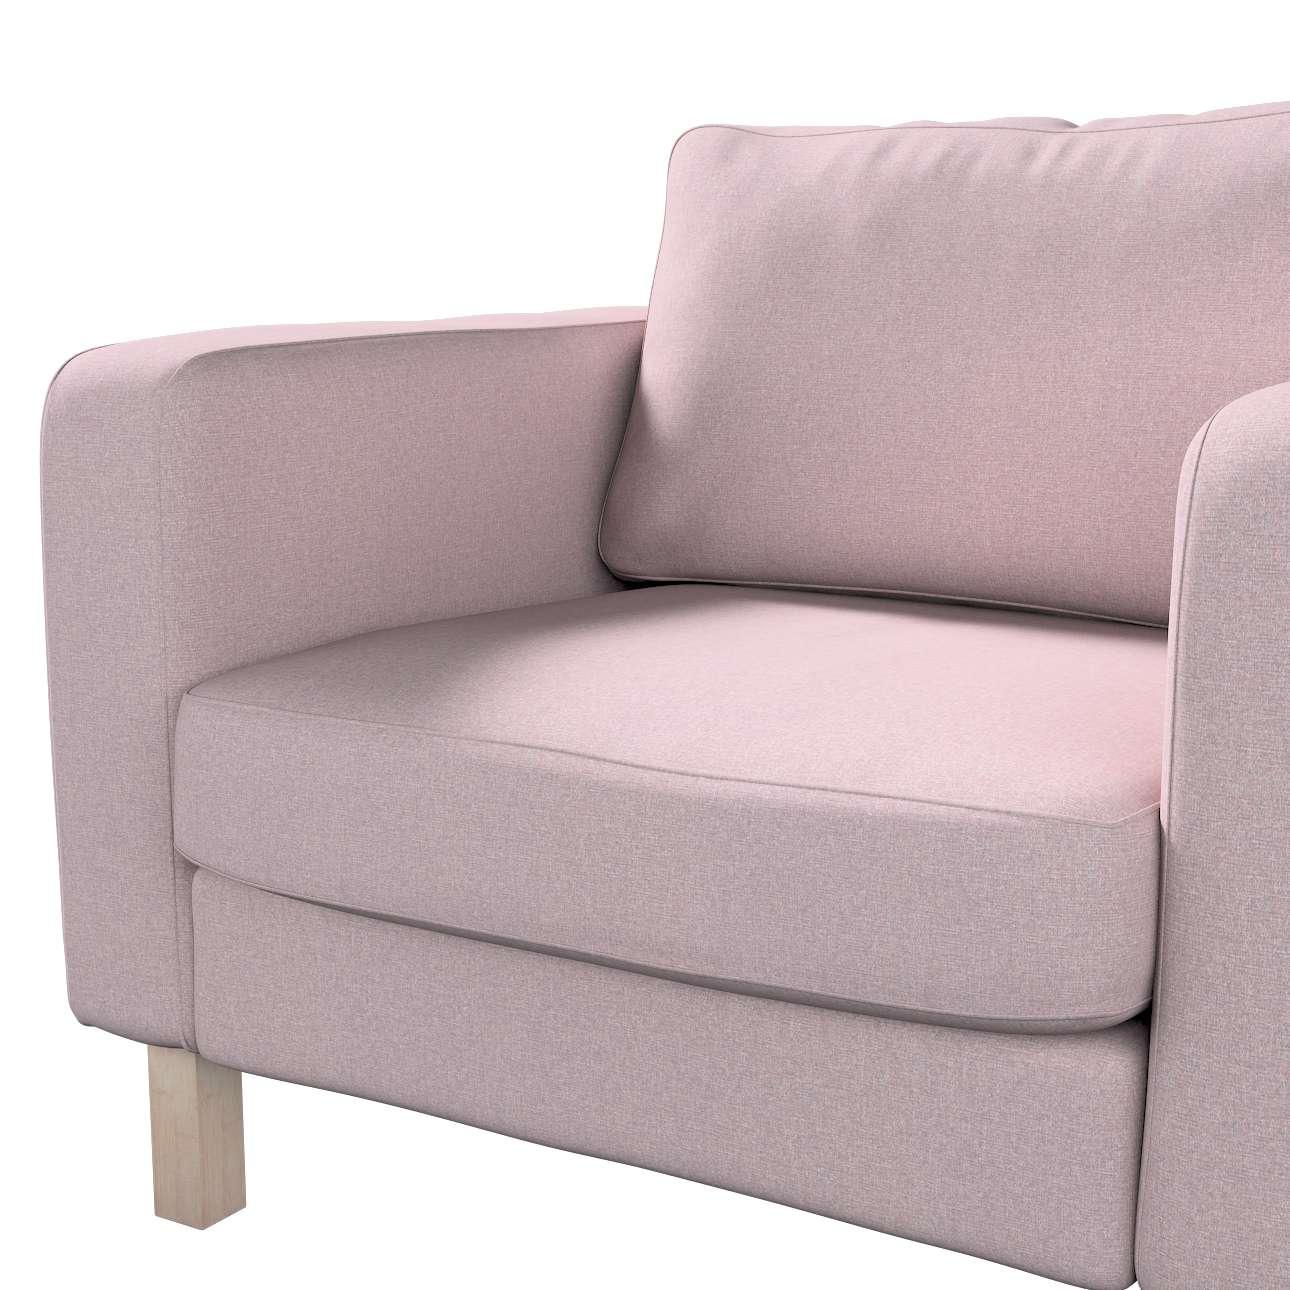 Karlstad päällinen nojatuoli mallistosta Amsterdam, Kangas: 704-51